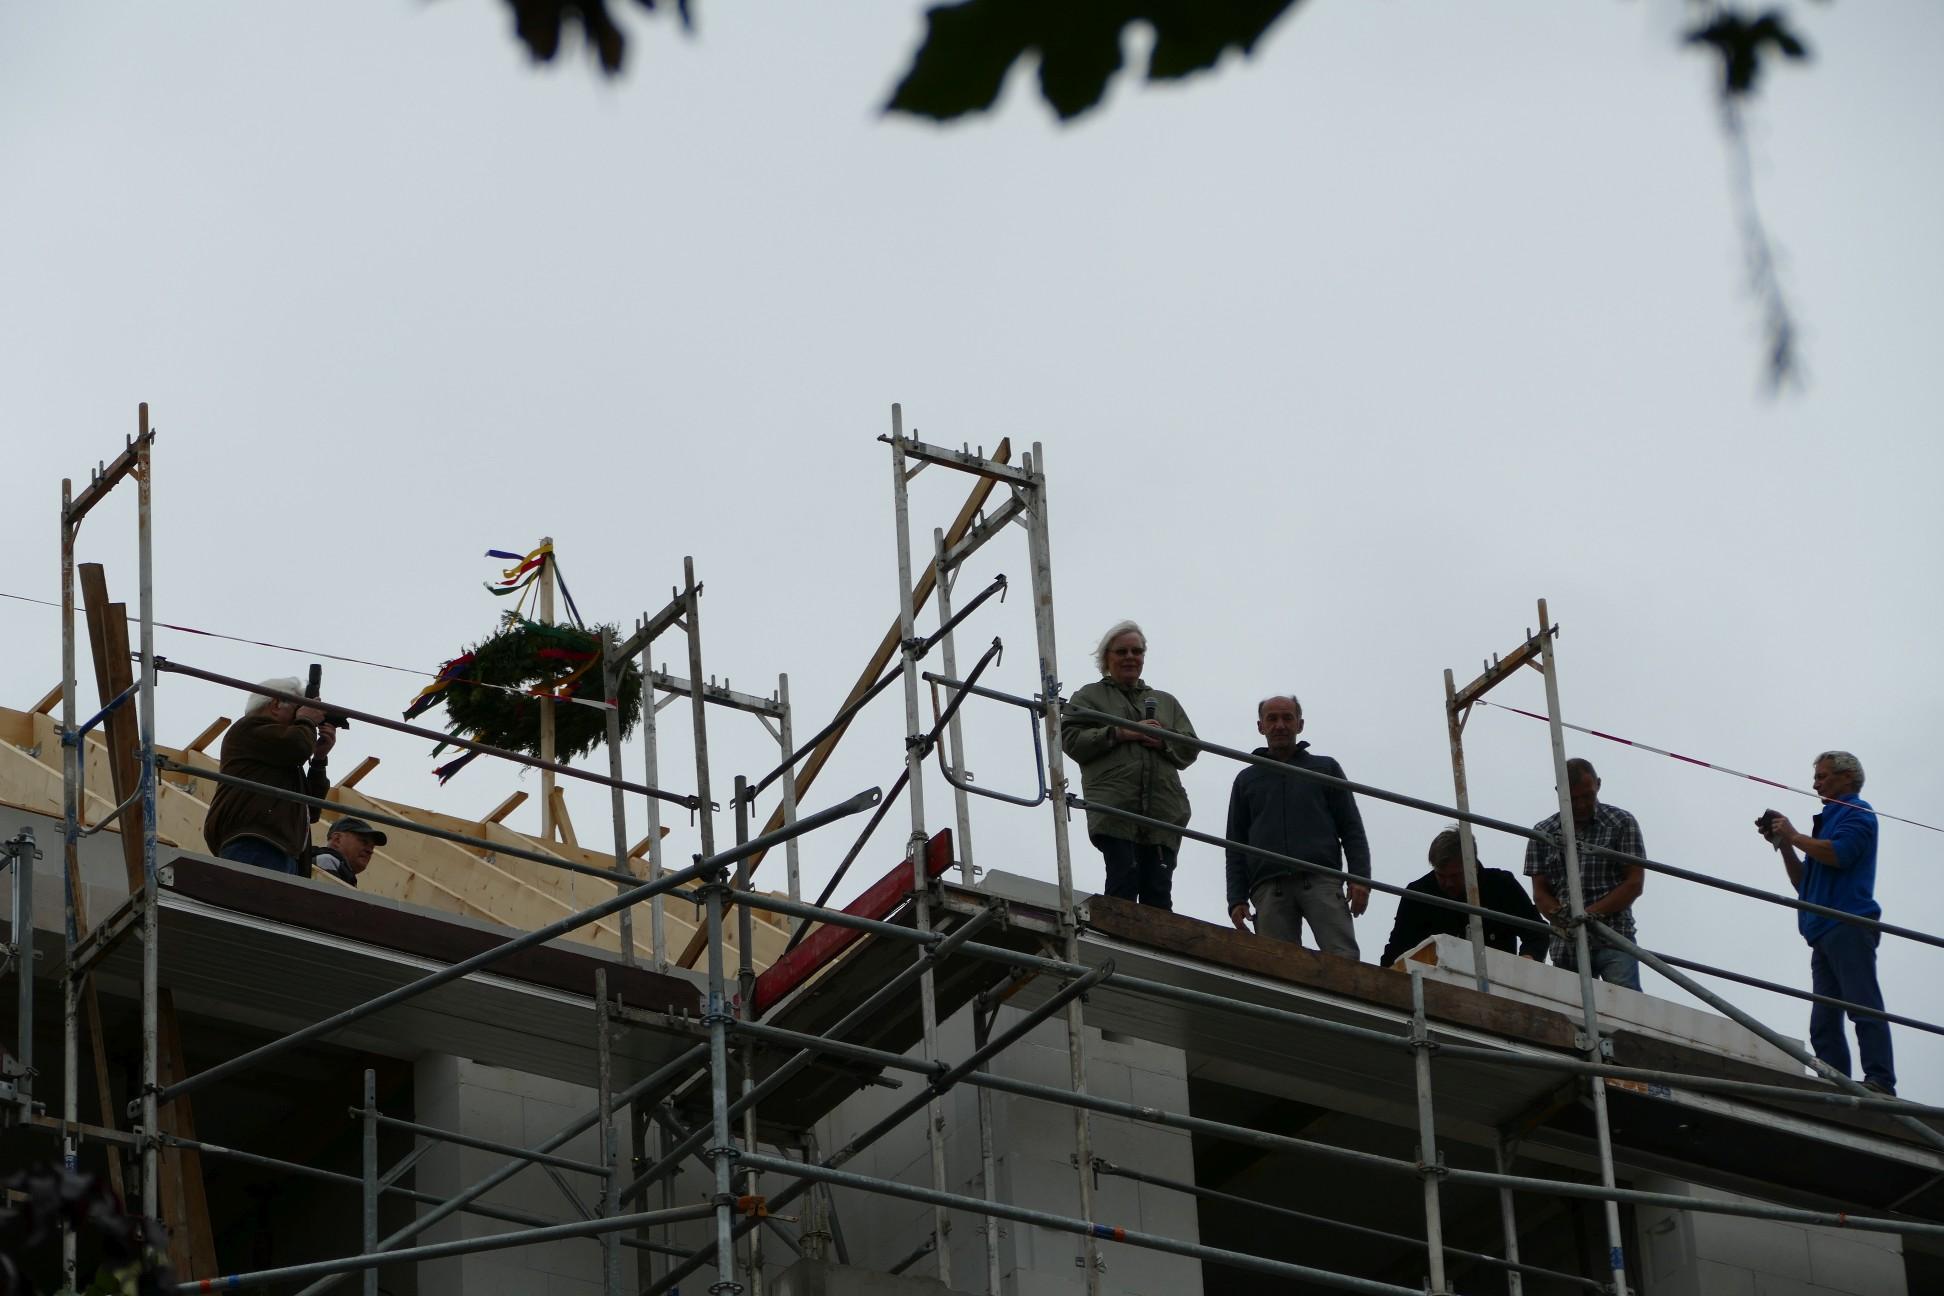 Schwindelfreie Vertreter der Hoffnungskirche, der Wabeq und der Presse hoch oben auf dem windigen Dachgeschoss.